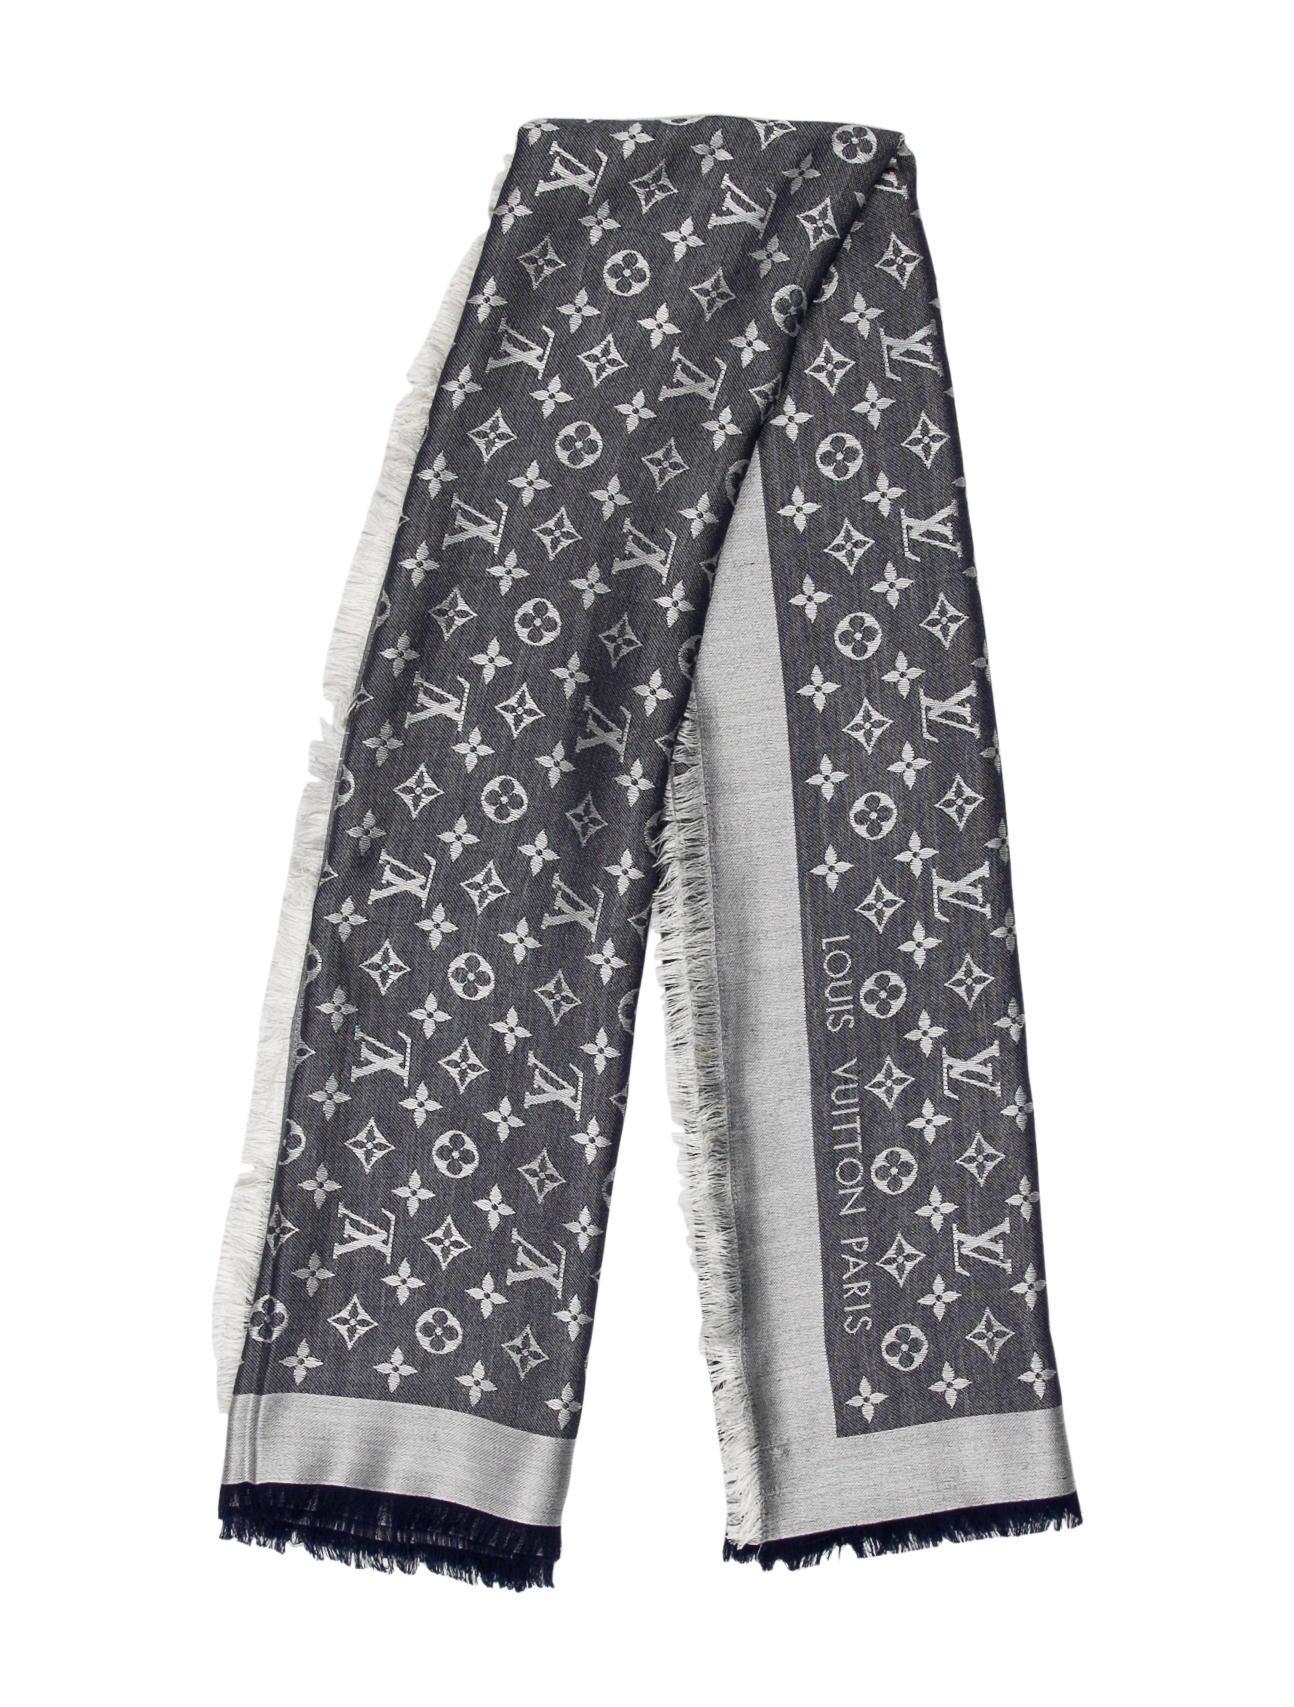 45fe4d69a7ce7 Louis Vuitton Monogram Denim Shawl - Accessories - LOU180833